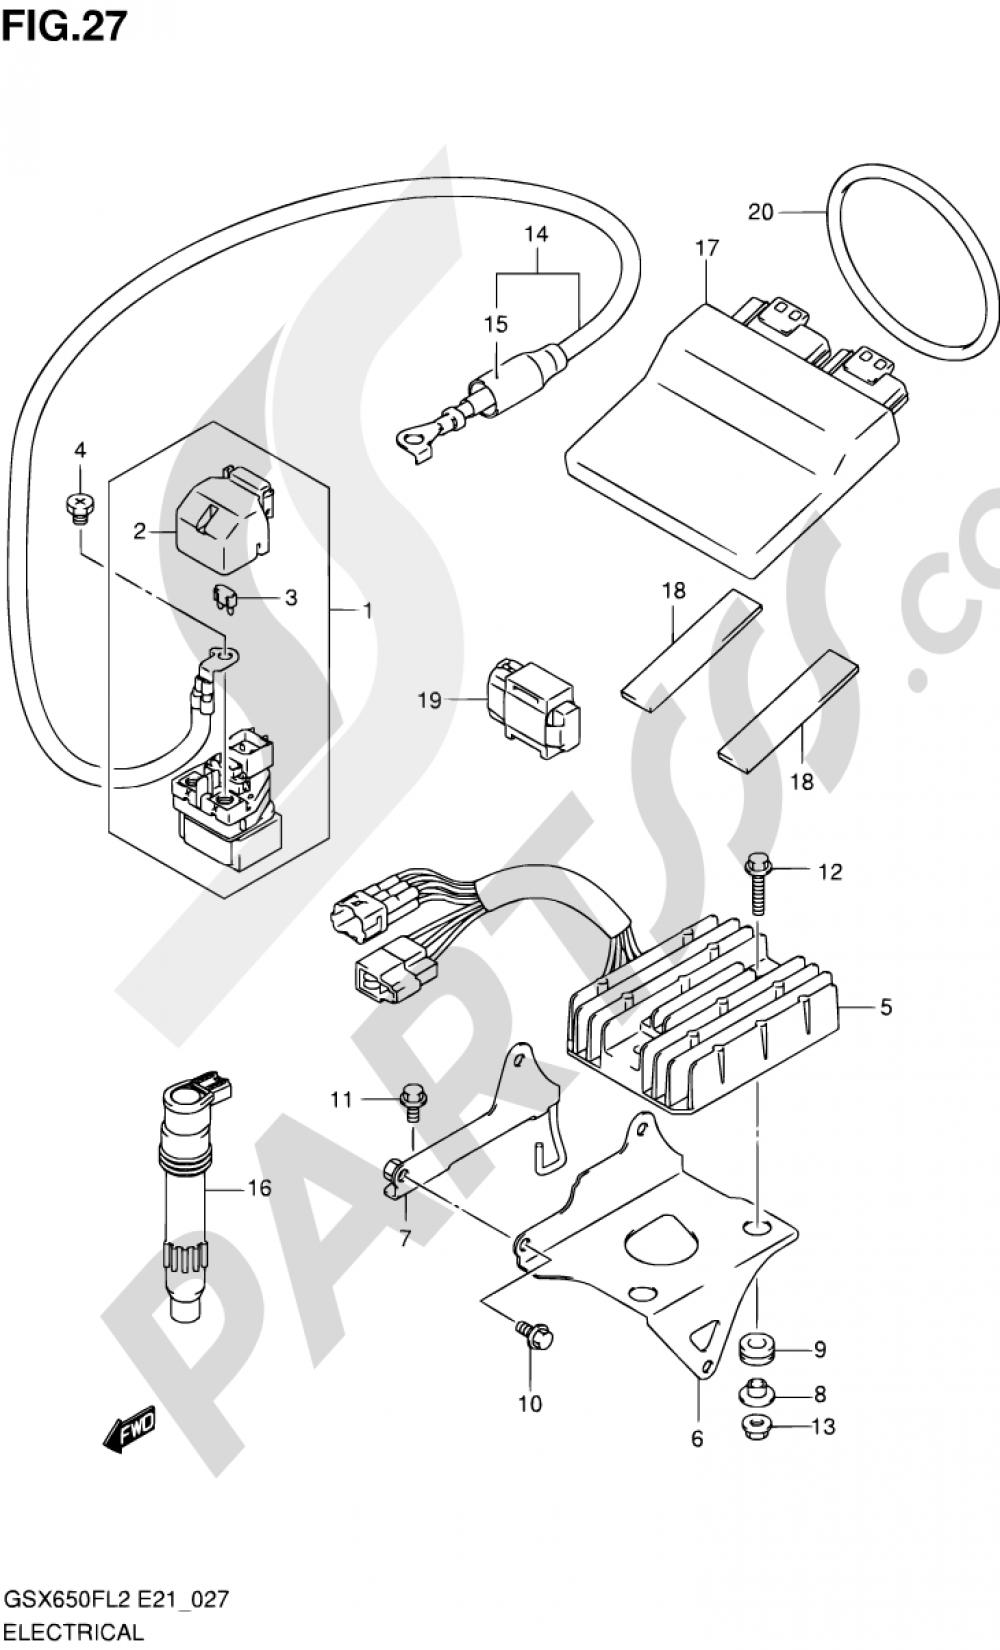 27 - ELECTRICAL (GSX650FL2 E24) Suzuki GSX650FA 2012